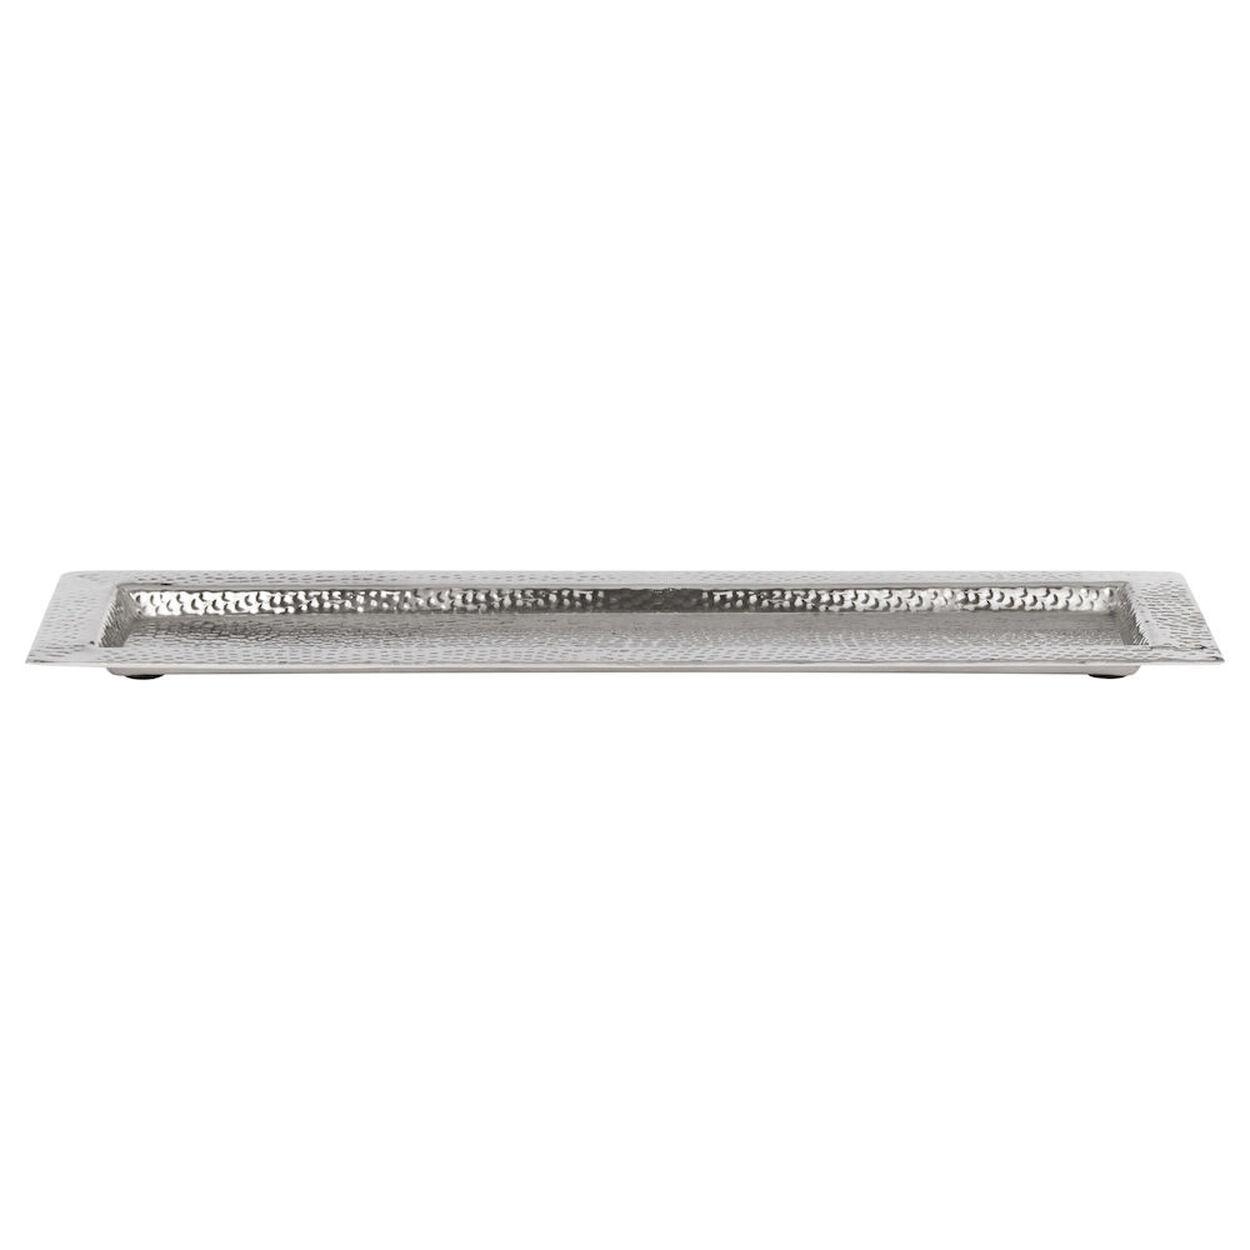 Decorative Hammered Aluminum Plate